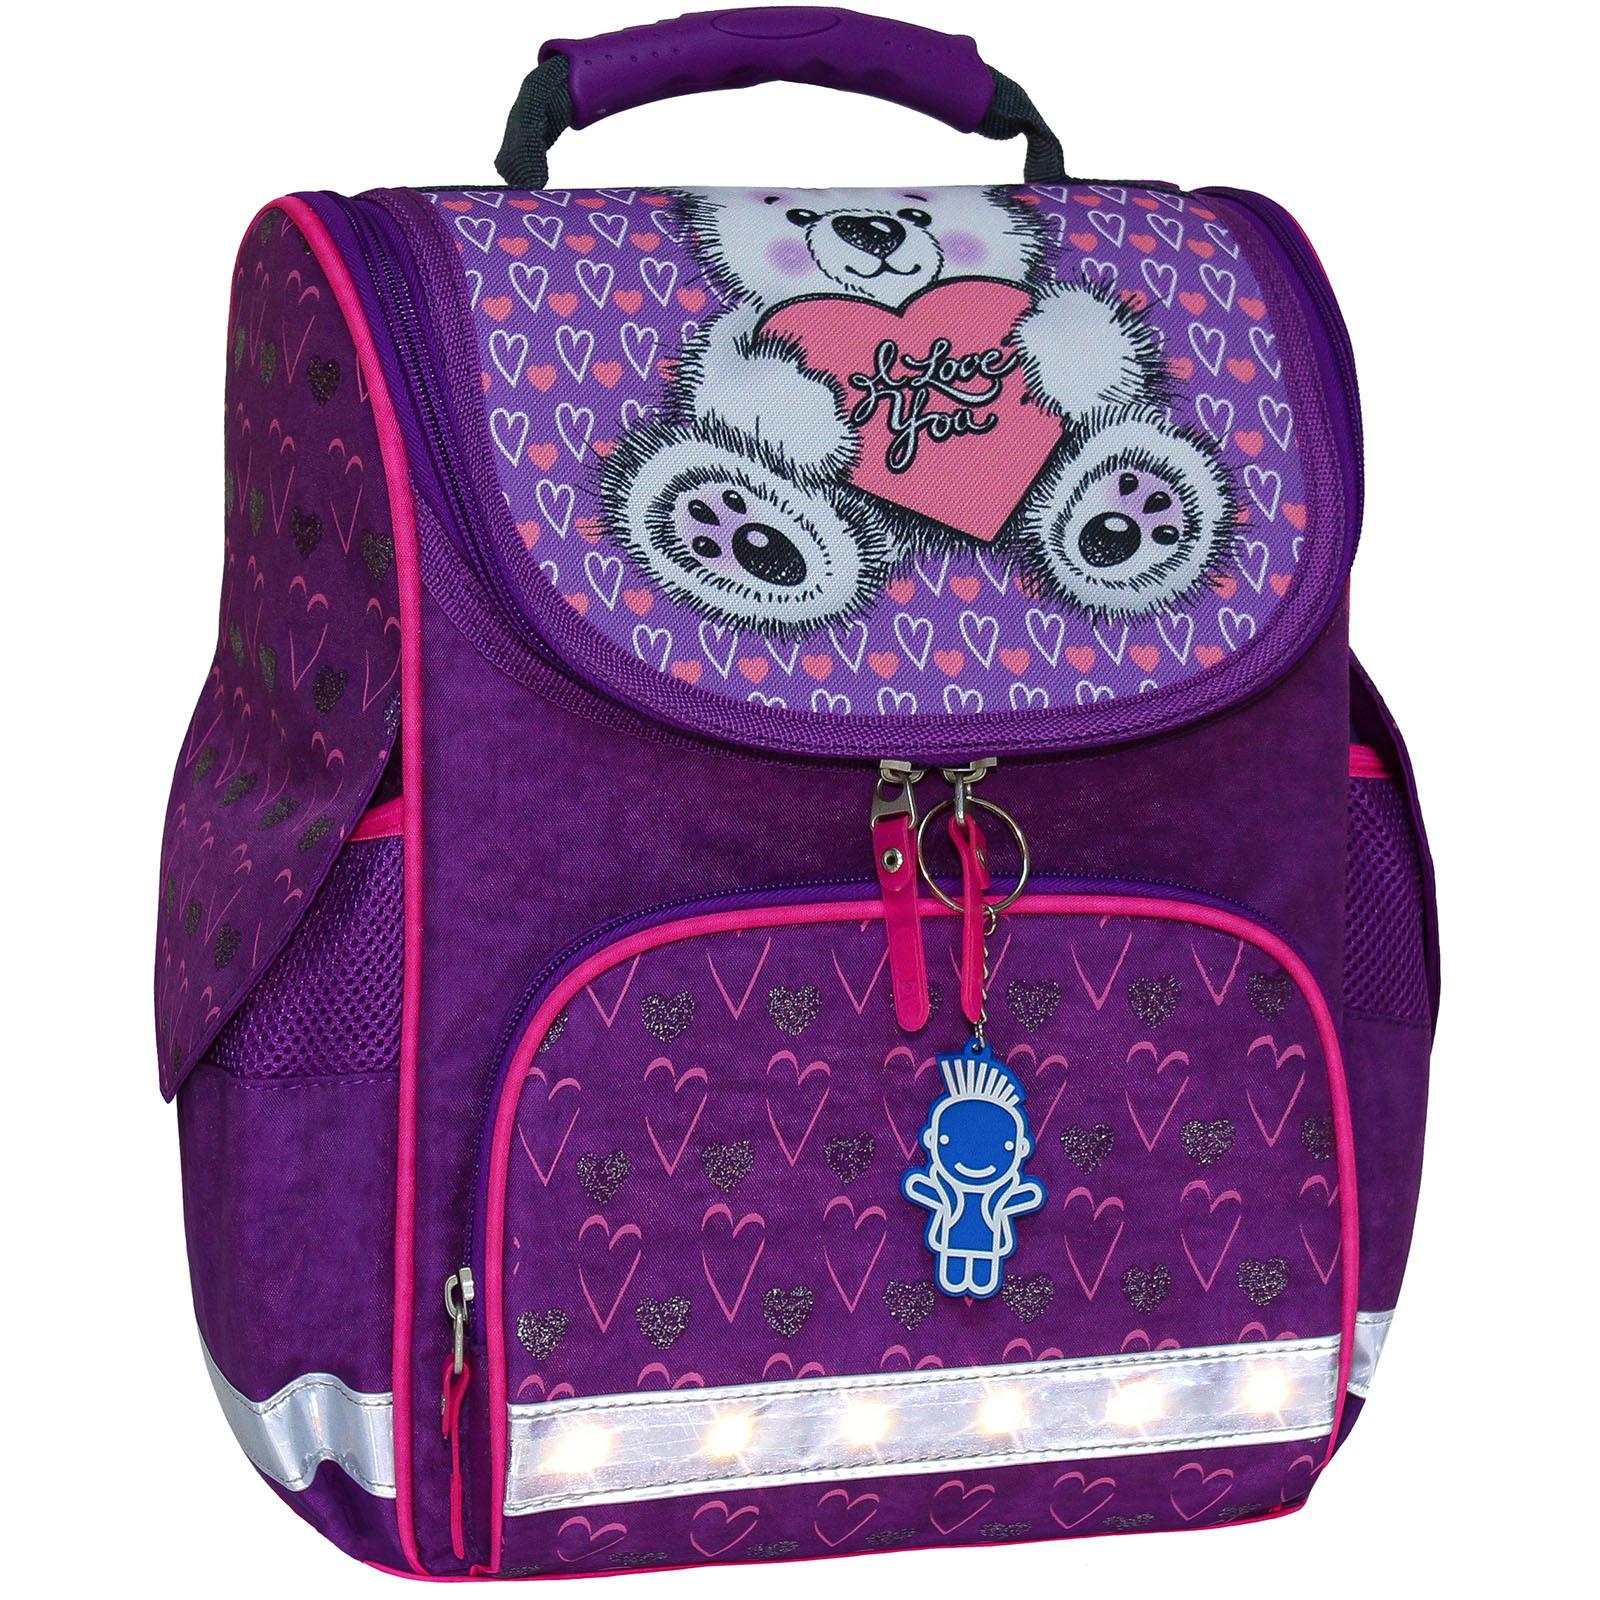 Школьные рюкзаки Рюкзак школьный каркасный с фонариками Bagland Успех 12 л. фиолетовый 377 (00551703) IMG_7265блеск.jpg